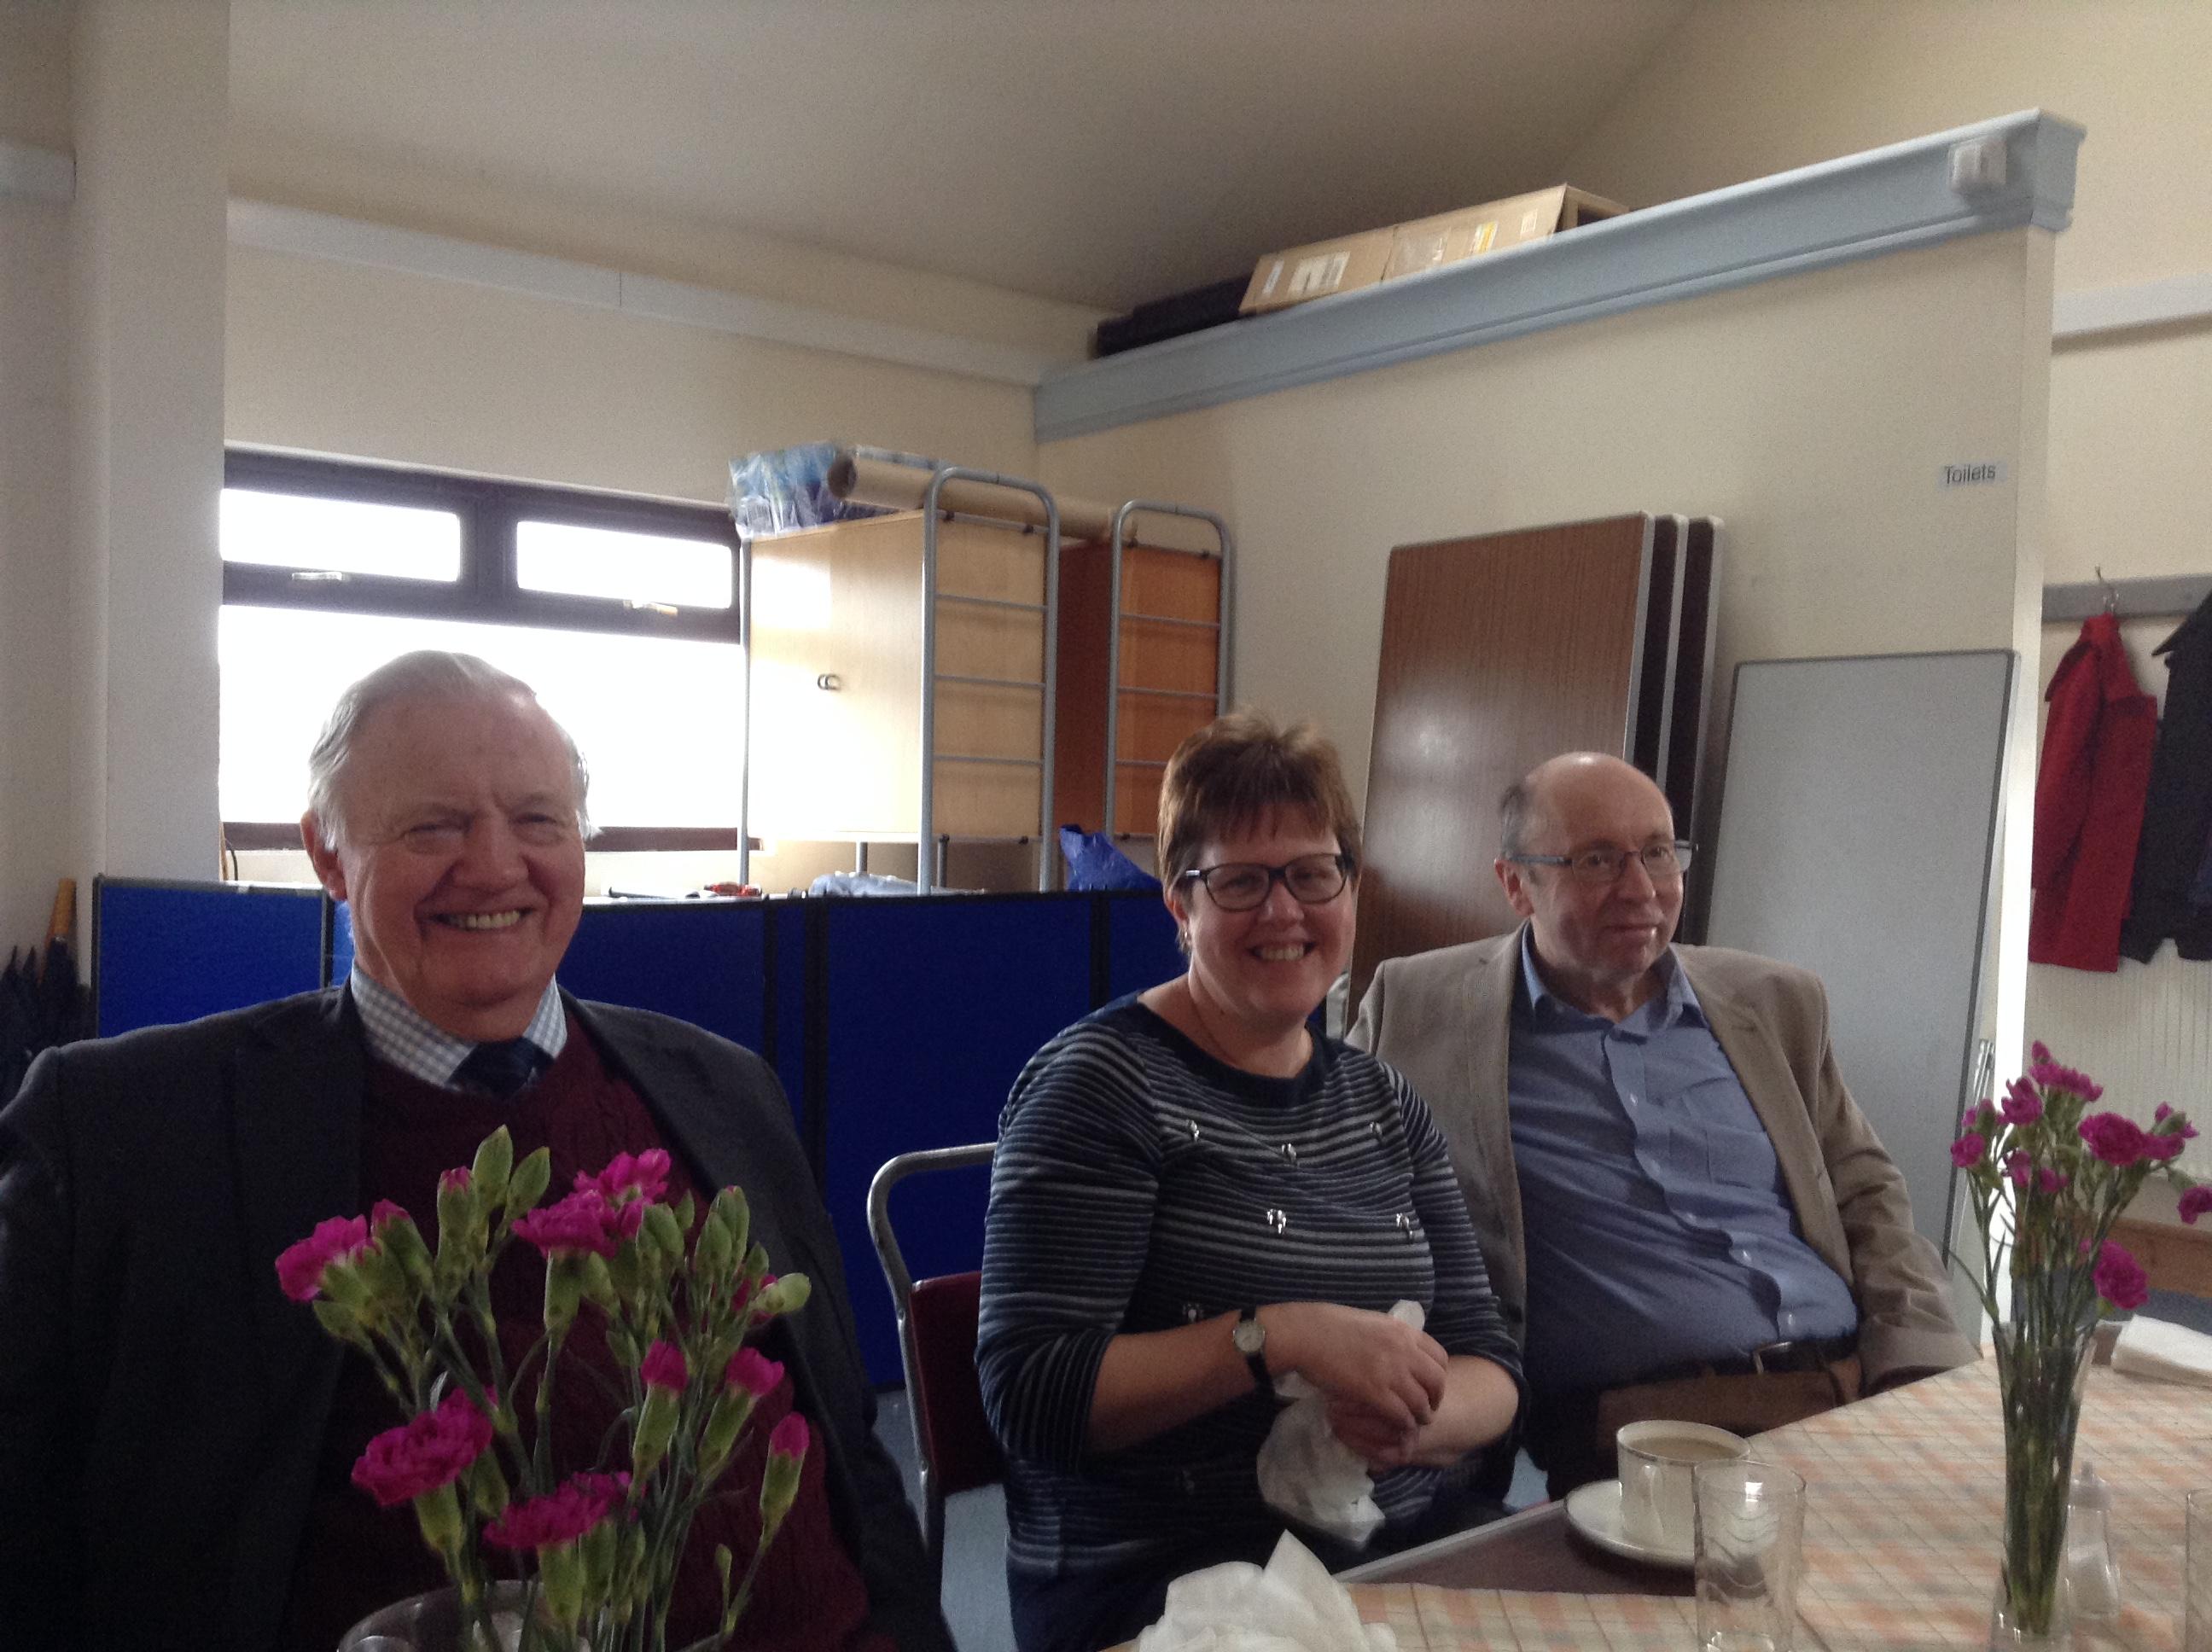 Richard, Clare and Tony